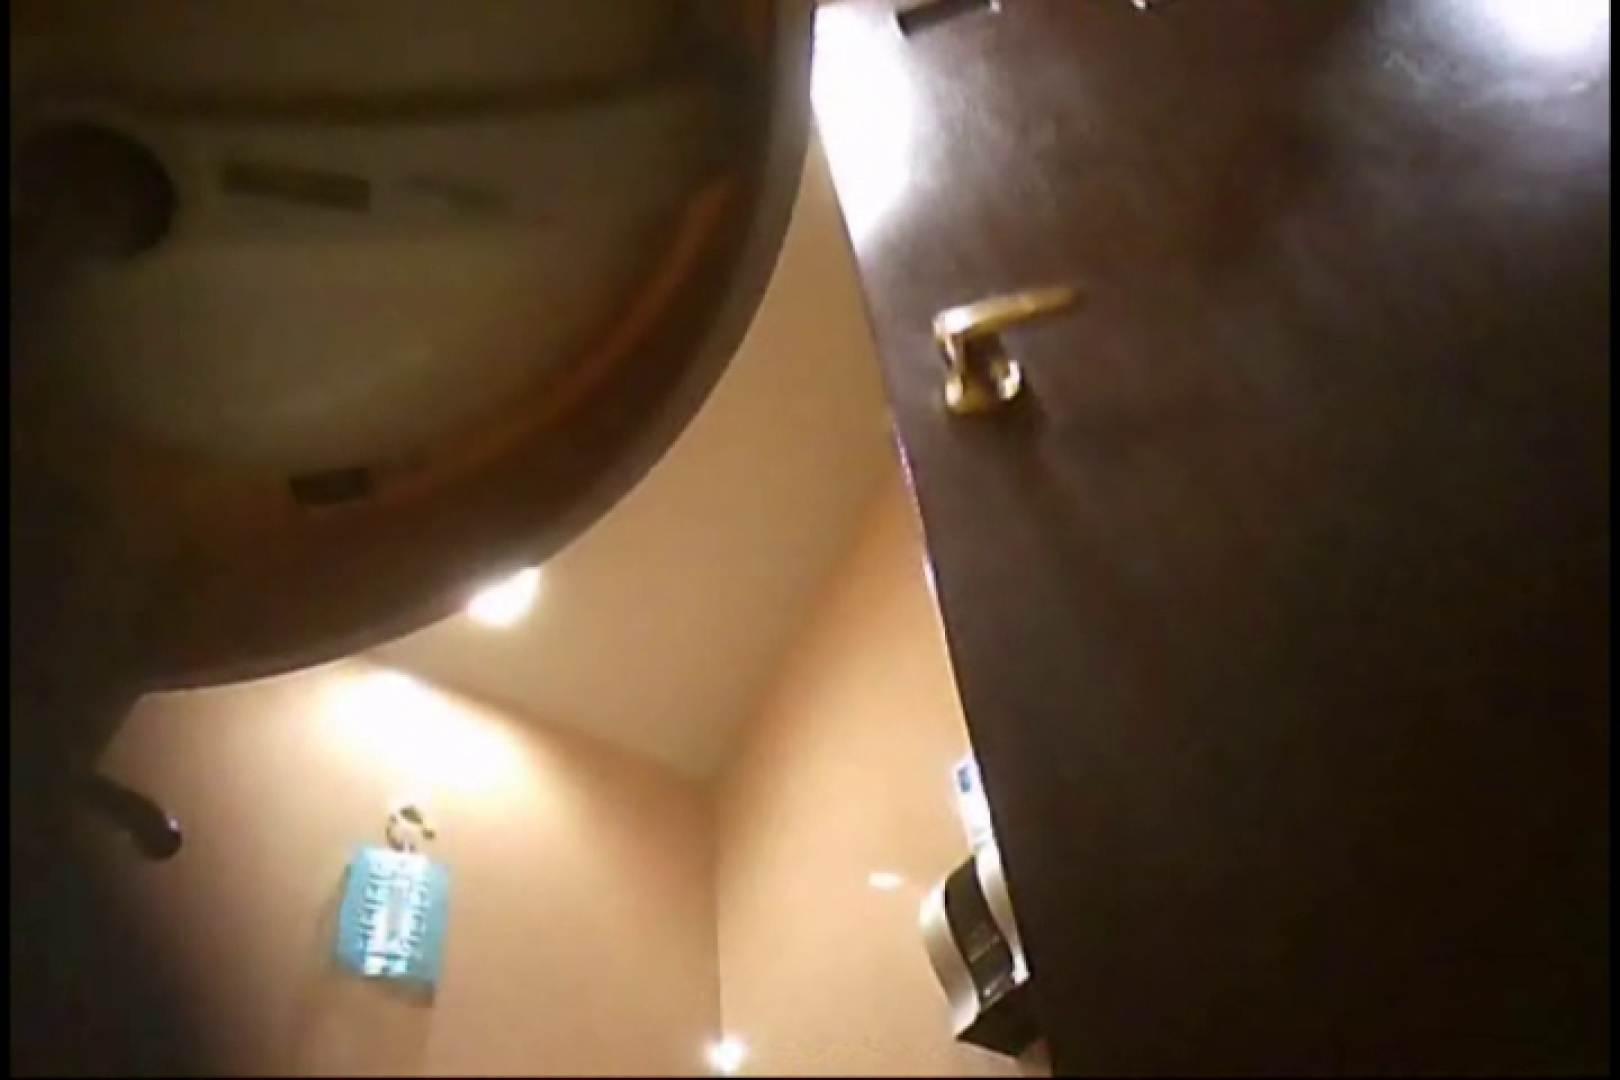 潜入!!女子化粧室盗撮~絶対見られたくない時間~vo,122 細身 AV動画キャプチャ 105画像 17